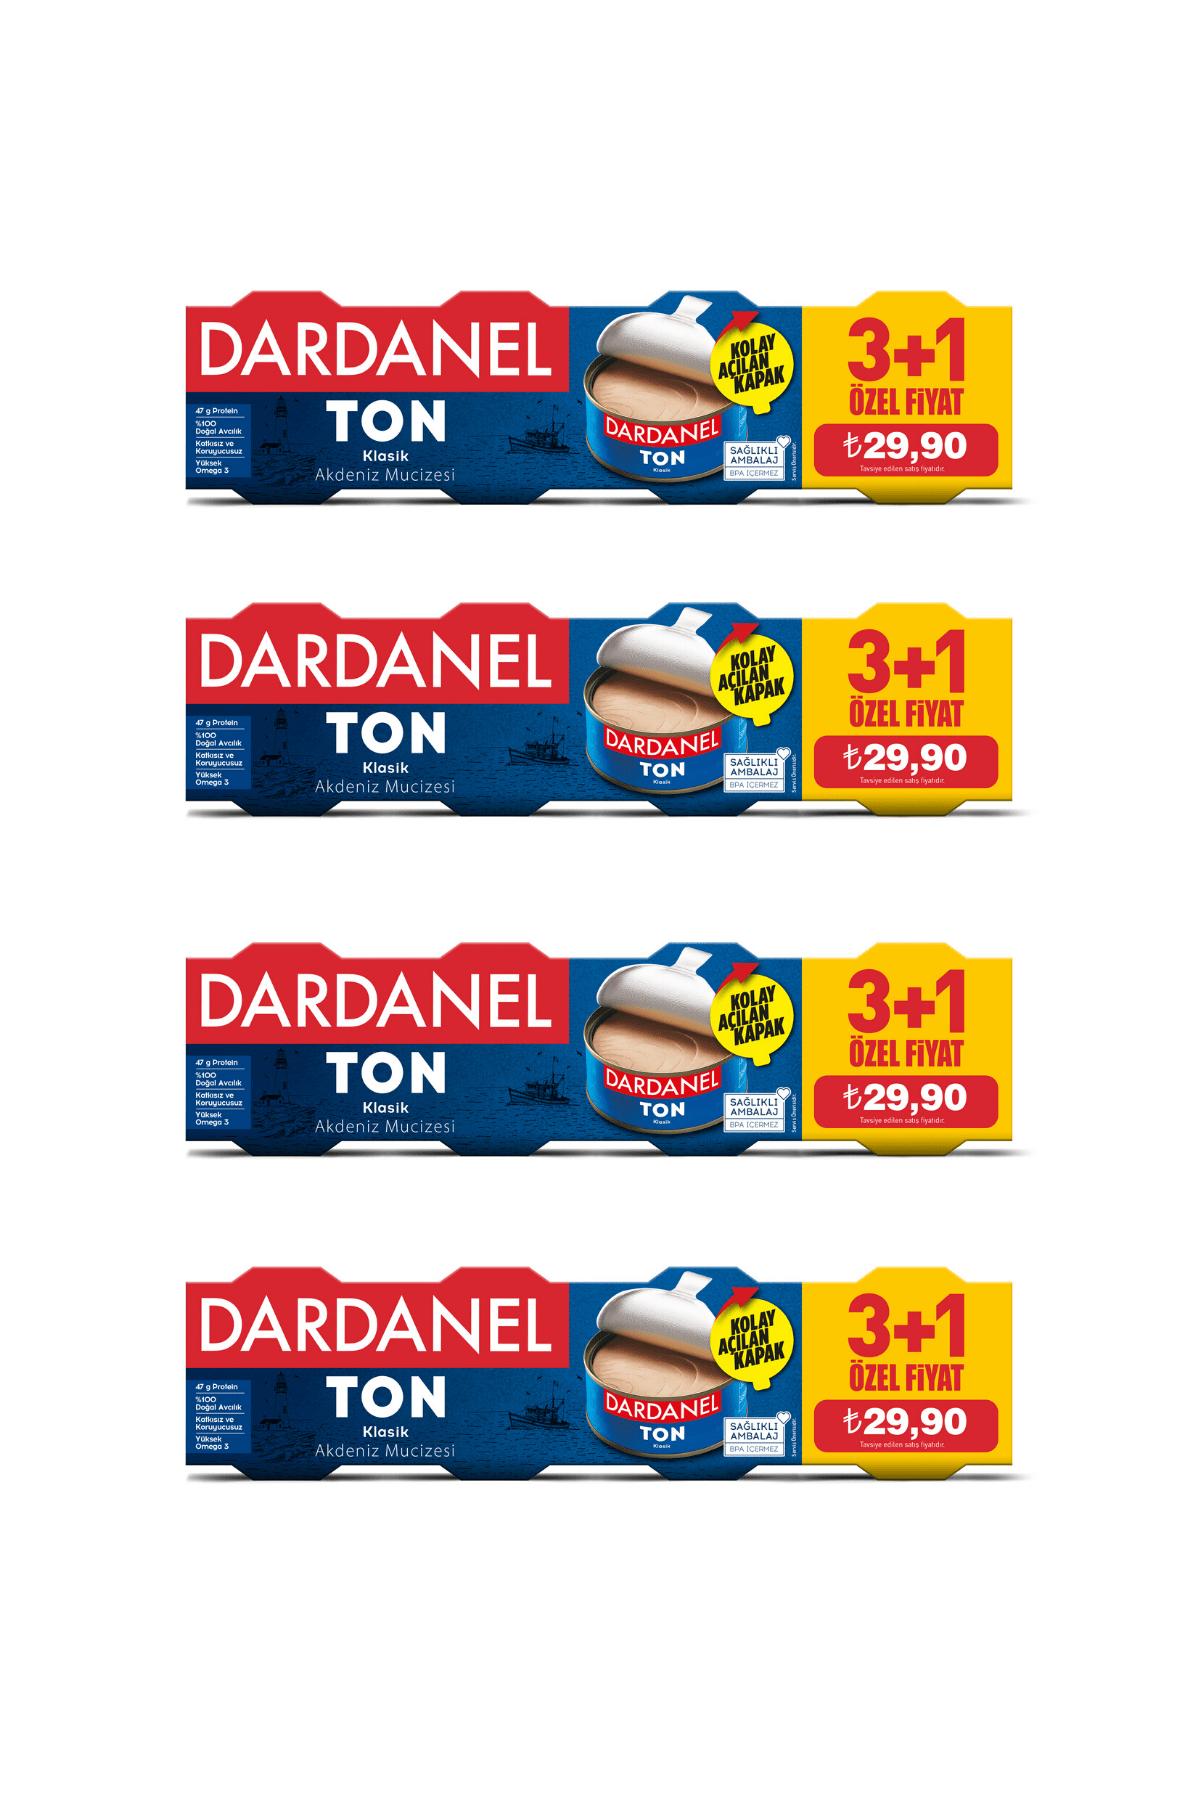 Dardanel 75 GRx4 Dardanel Ton Balığı 4'lü Paket 1